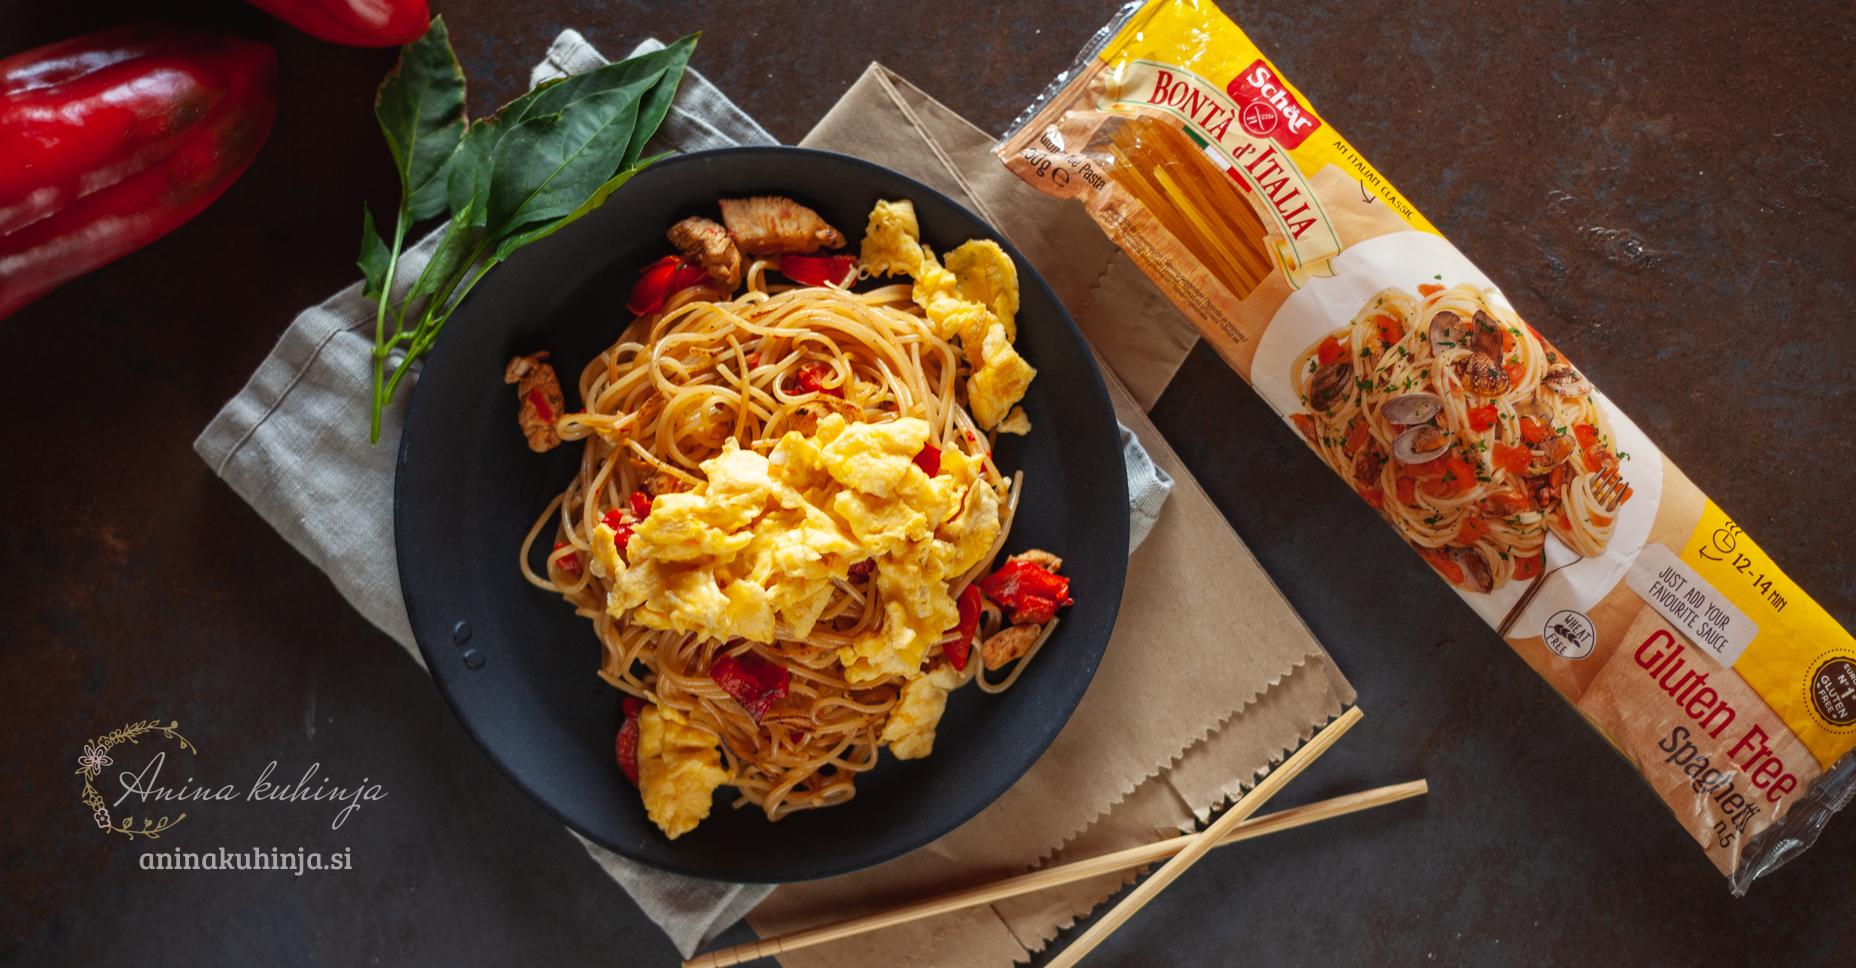 Praženi špageti z azijskim navdihom